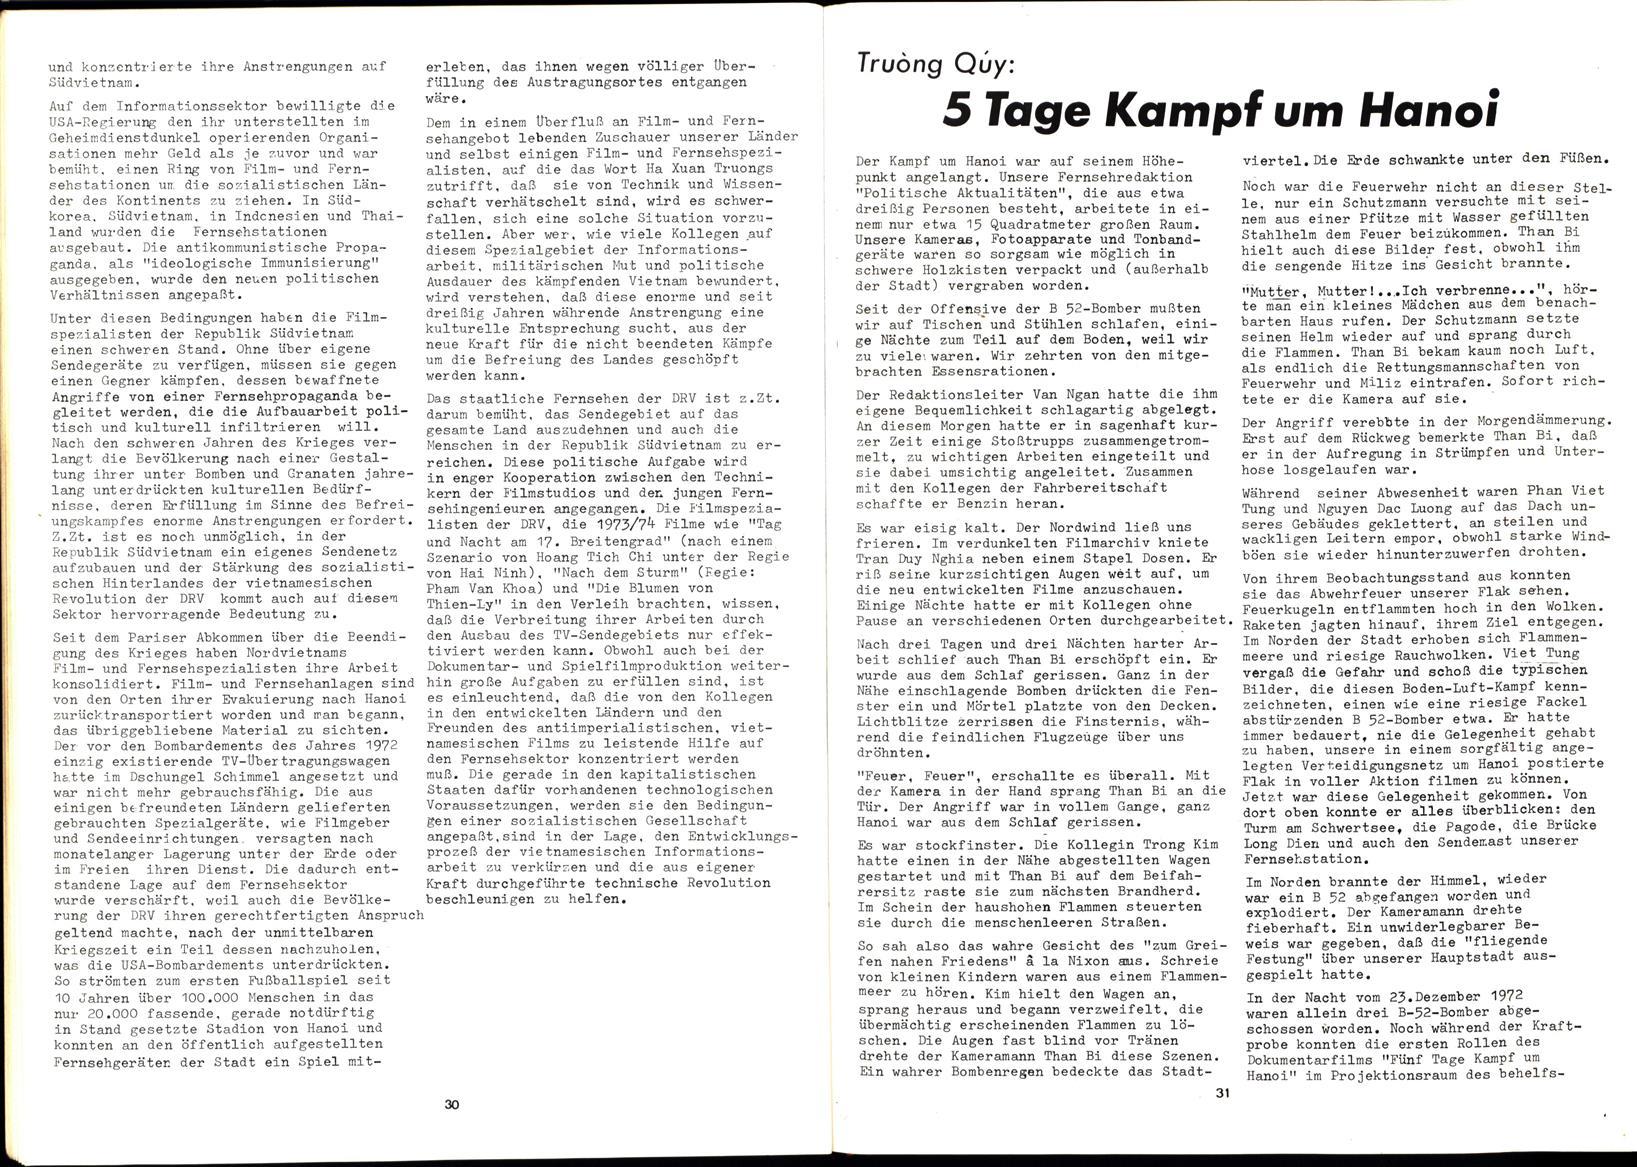 IK_Filmwesen_Bulletin_19740400_008_009_016